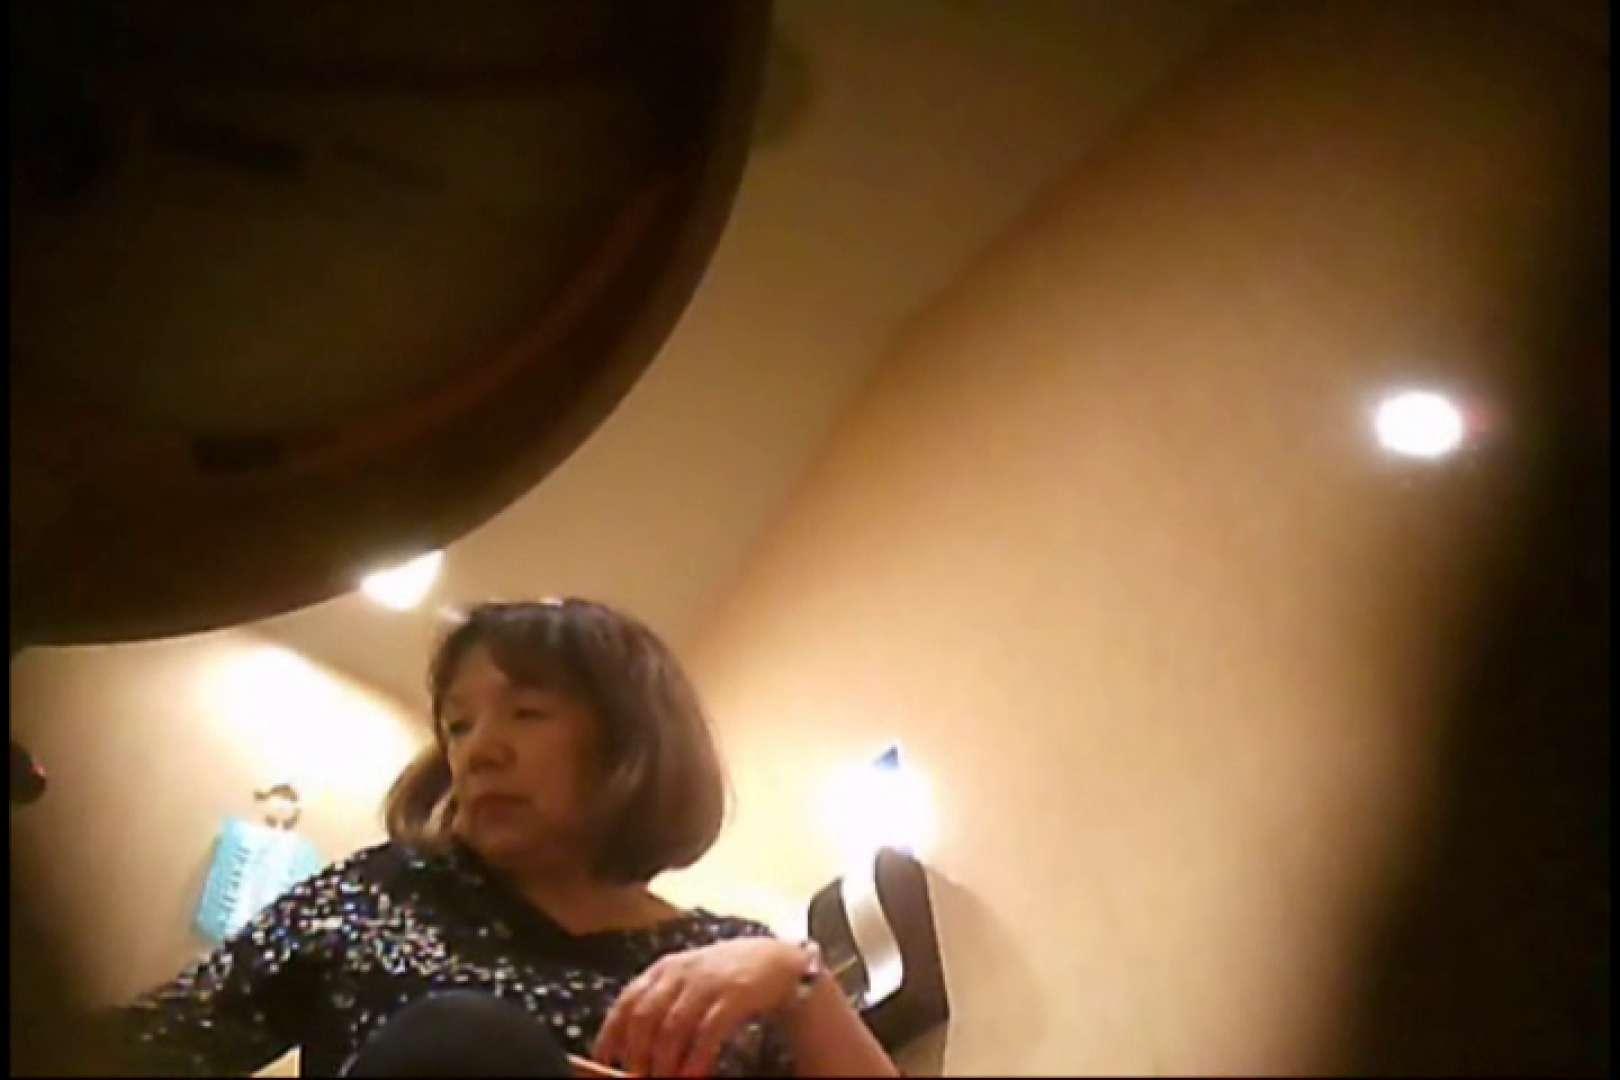 潜入!!女子化粧室盗撮~絶対見られたくない時間~vo,126 お尻 オマンコ動画キャプチャ 108PIX 38